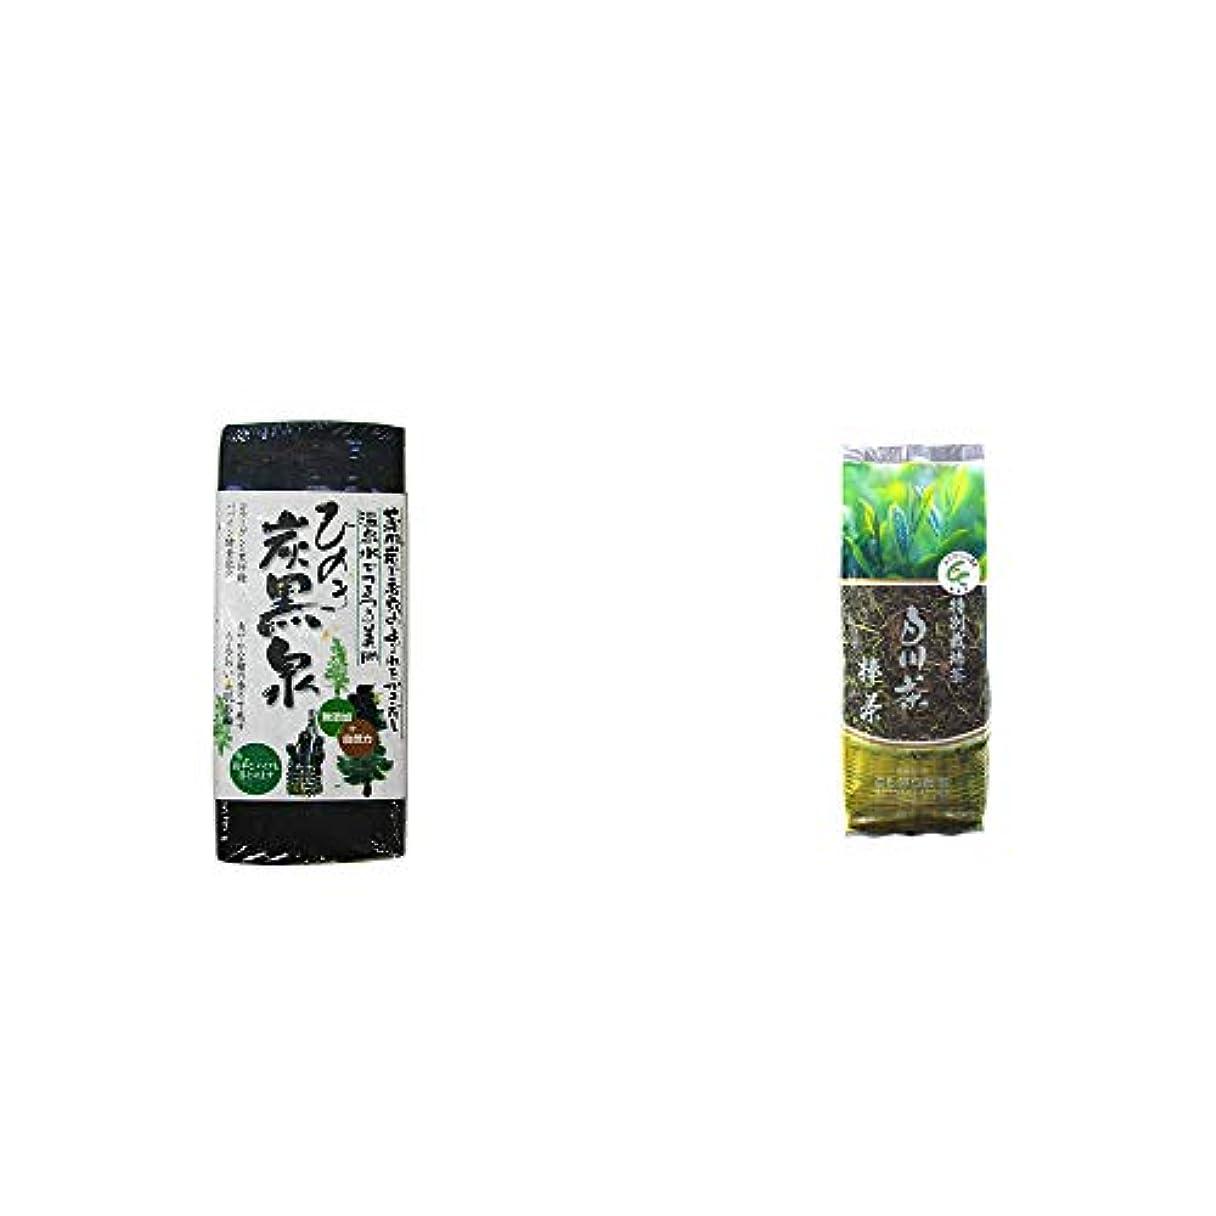 慈悲深い安定発明[2点セット] ひのき炭黒泉(75g×2)?白川茶 特別栽培茶【棒茶】(150g)